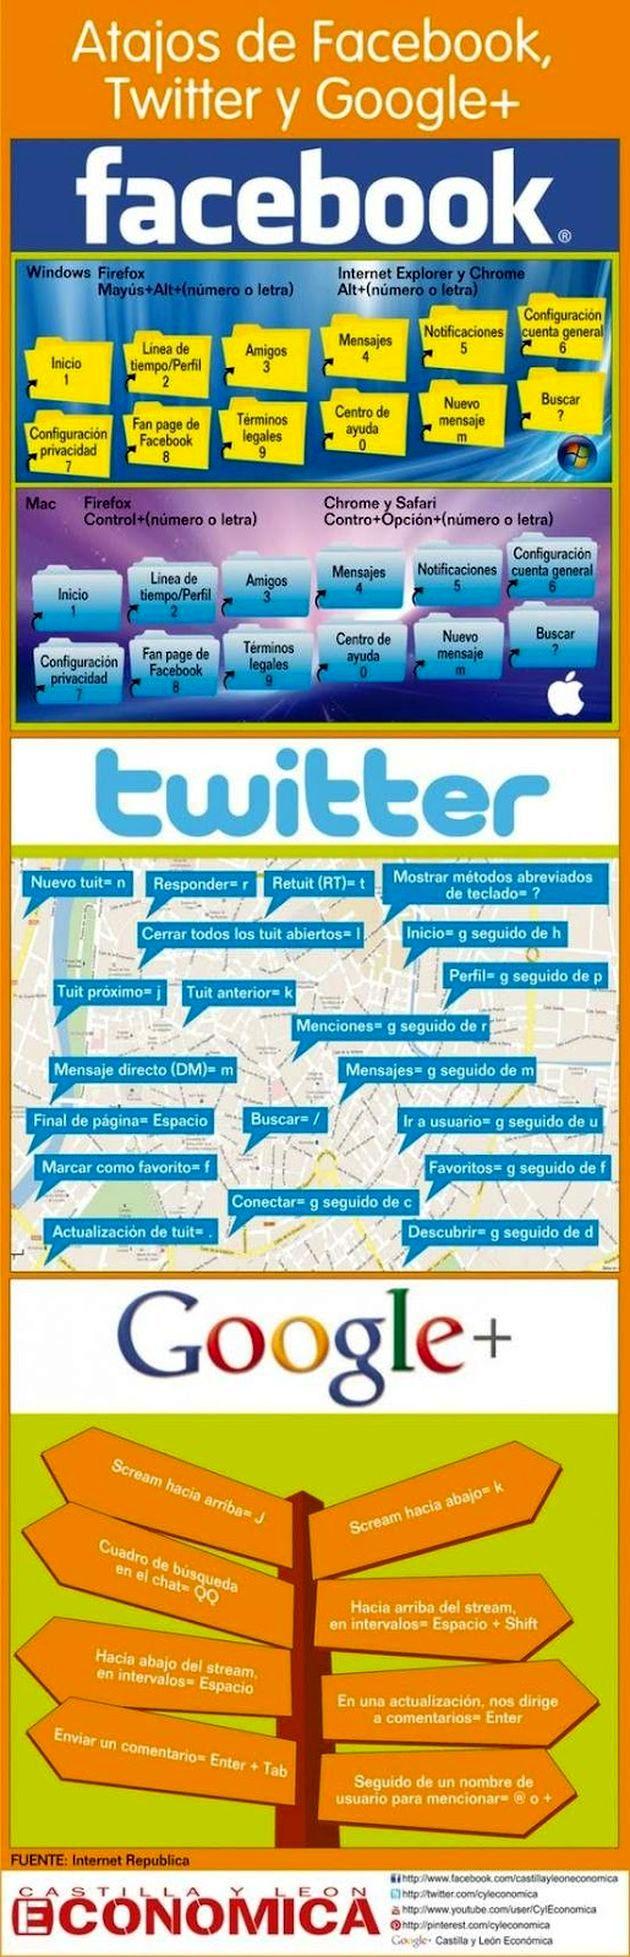 Una práctica infografía con los atajos de teclado para Facebook, Twitter y Google+